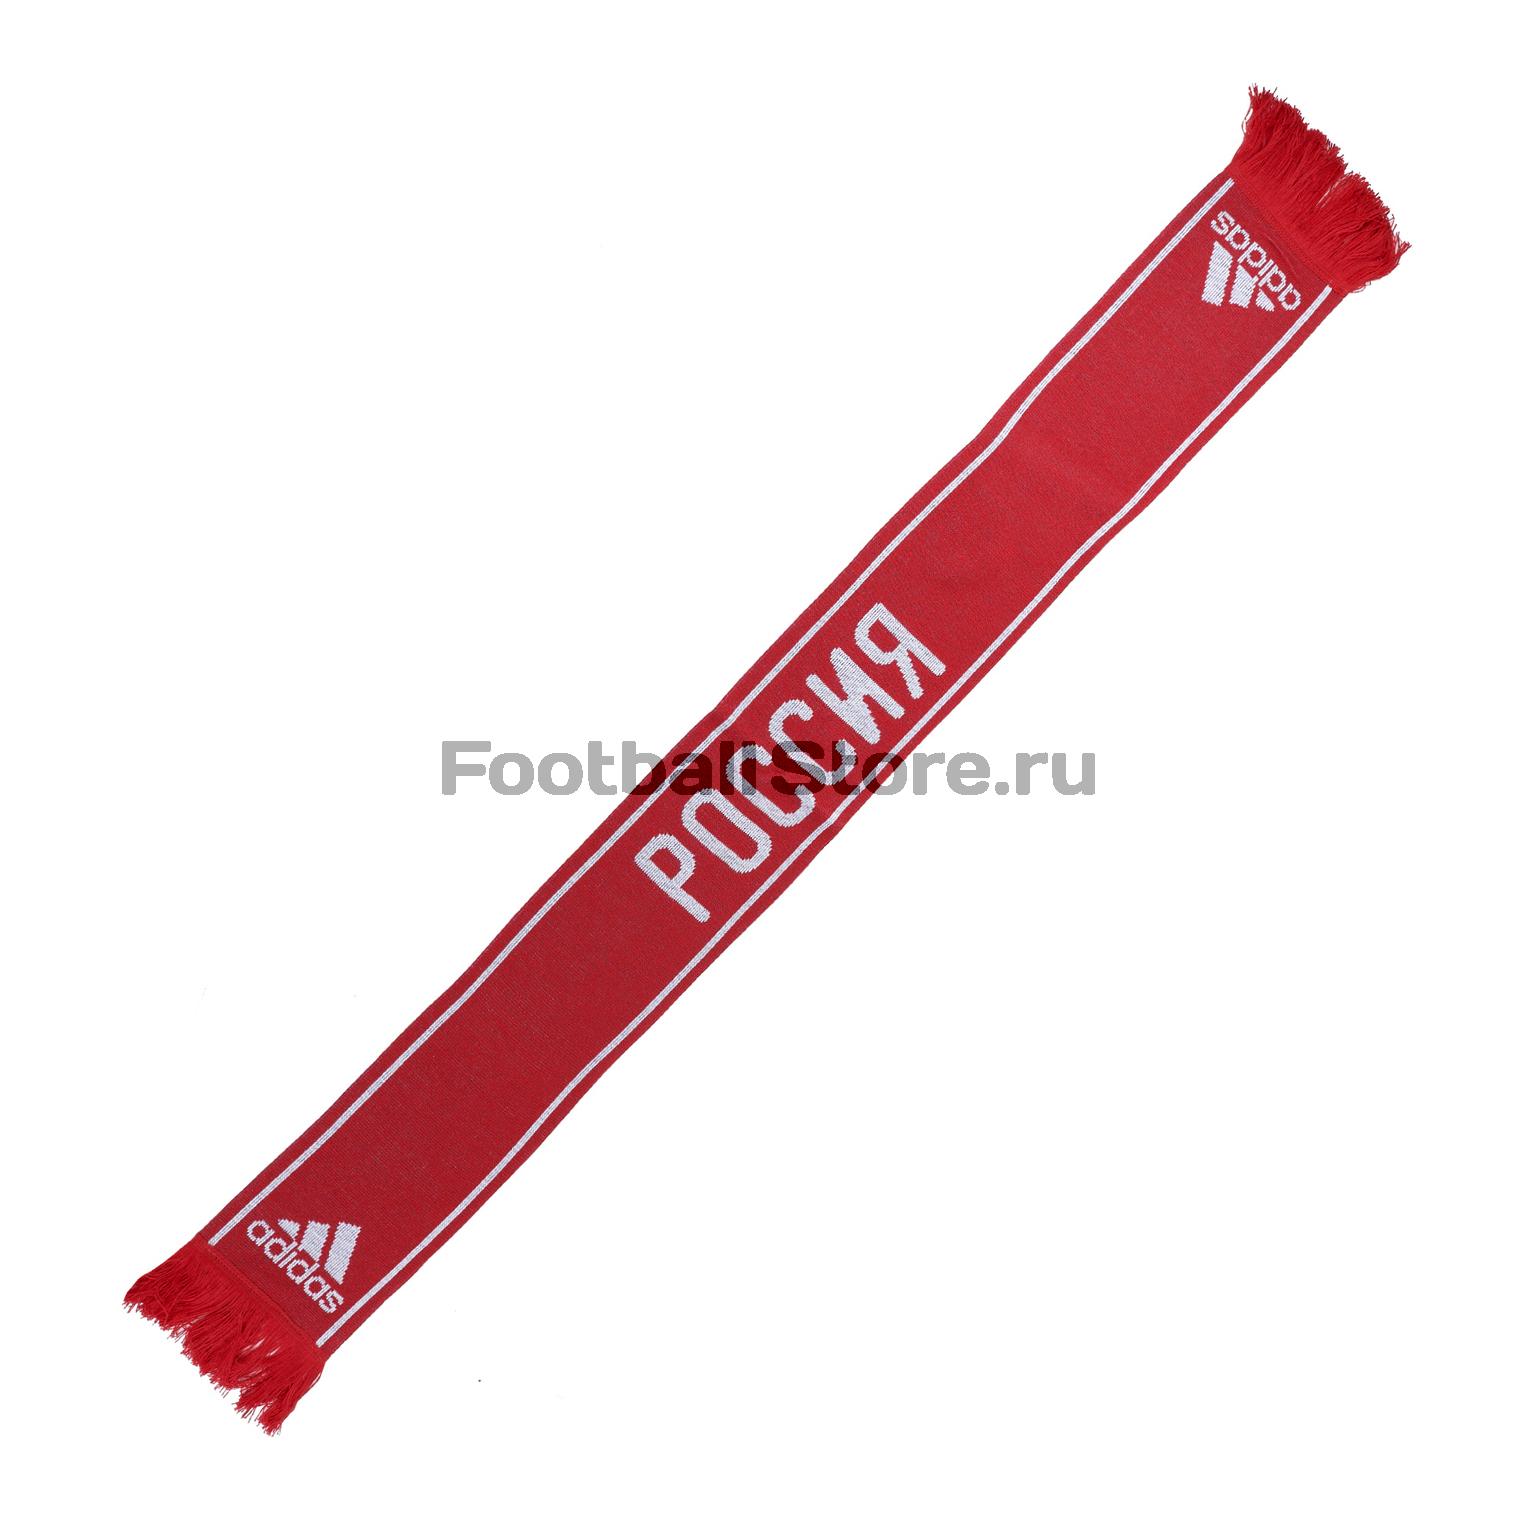 Шарф Adidas сборной России FK9636 цена